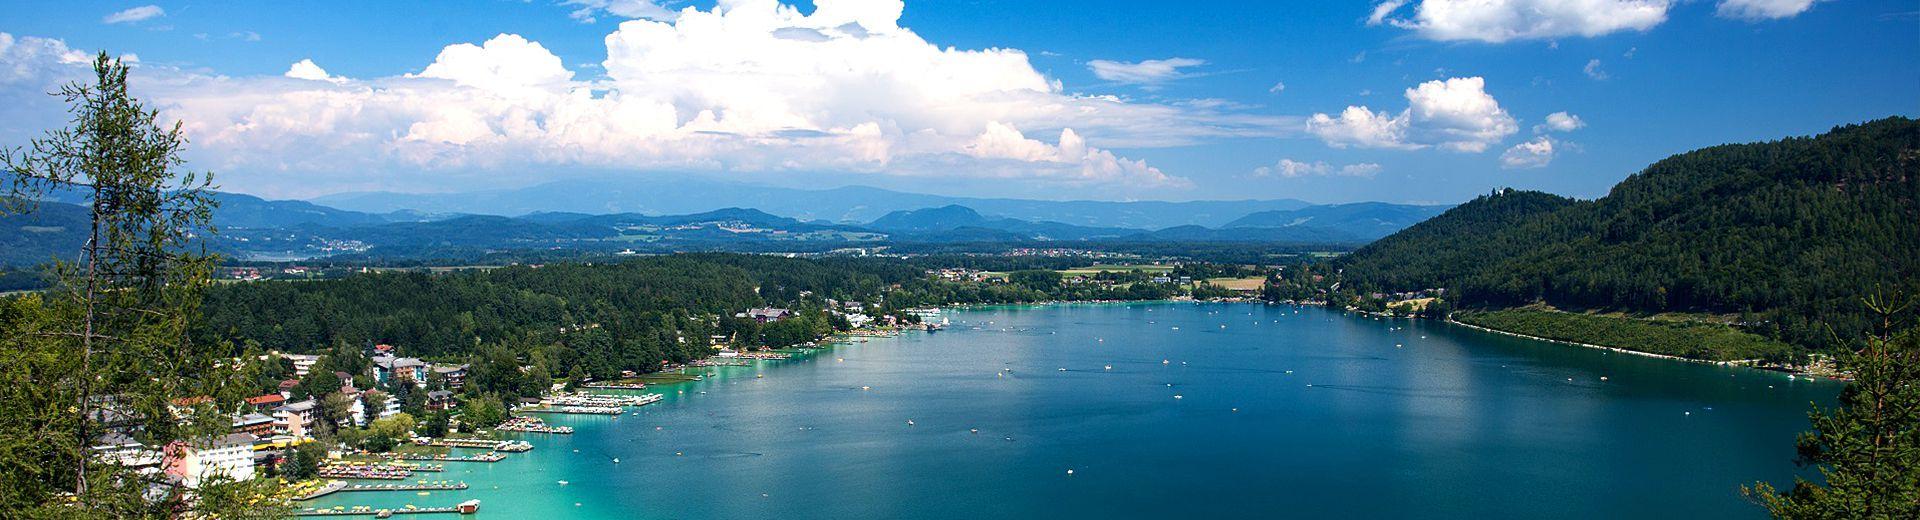 Seehotel in Österreich mit exklusiven Highlights